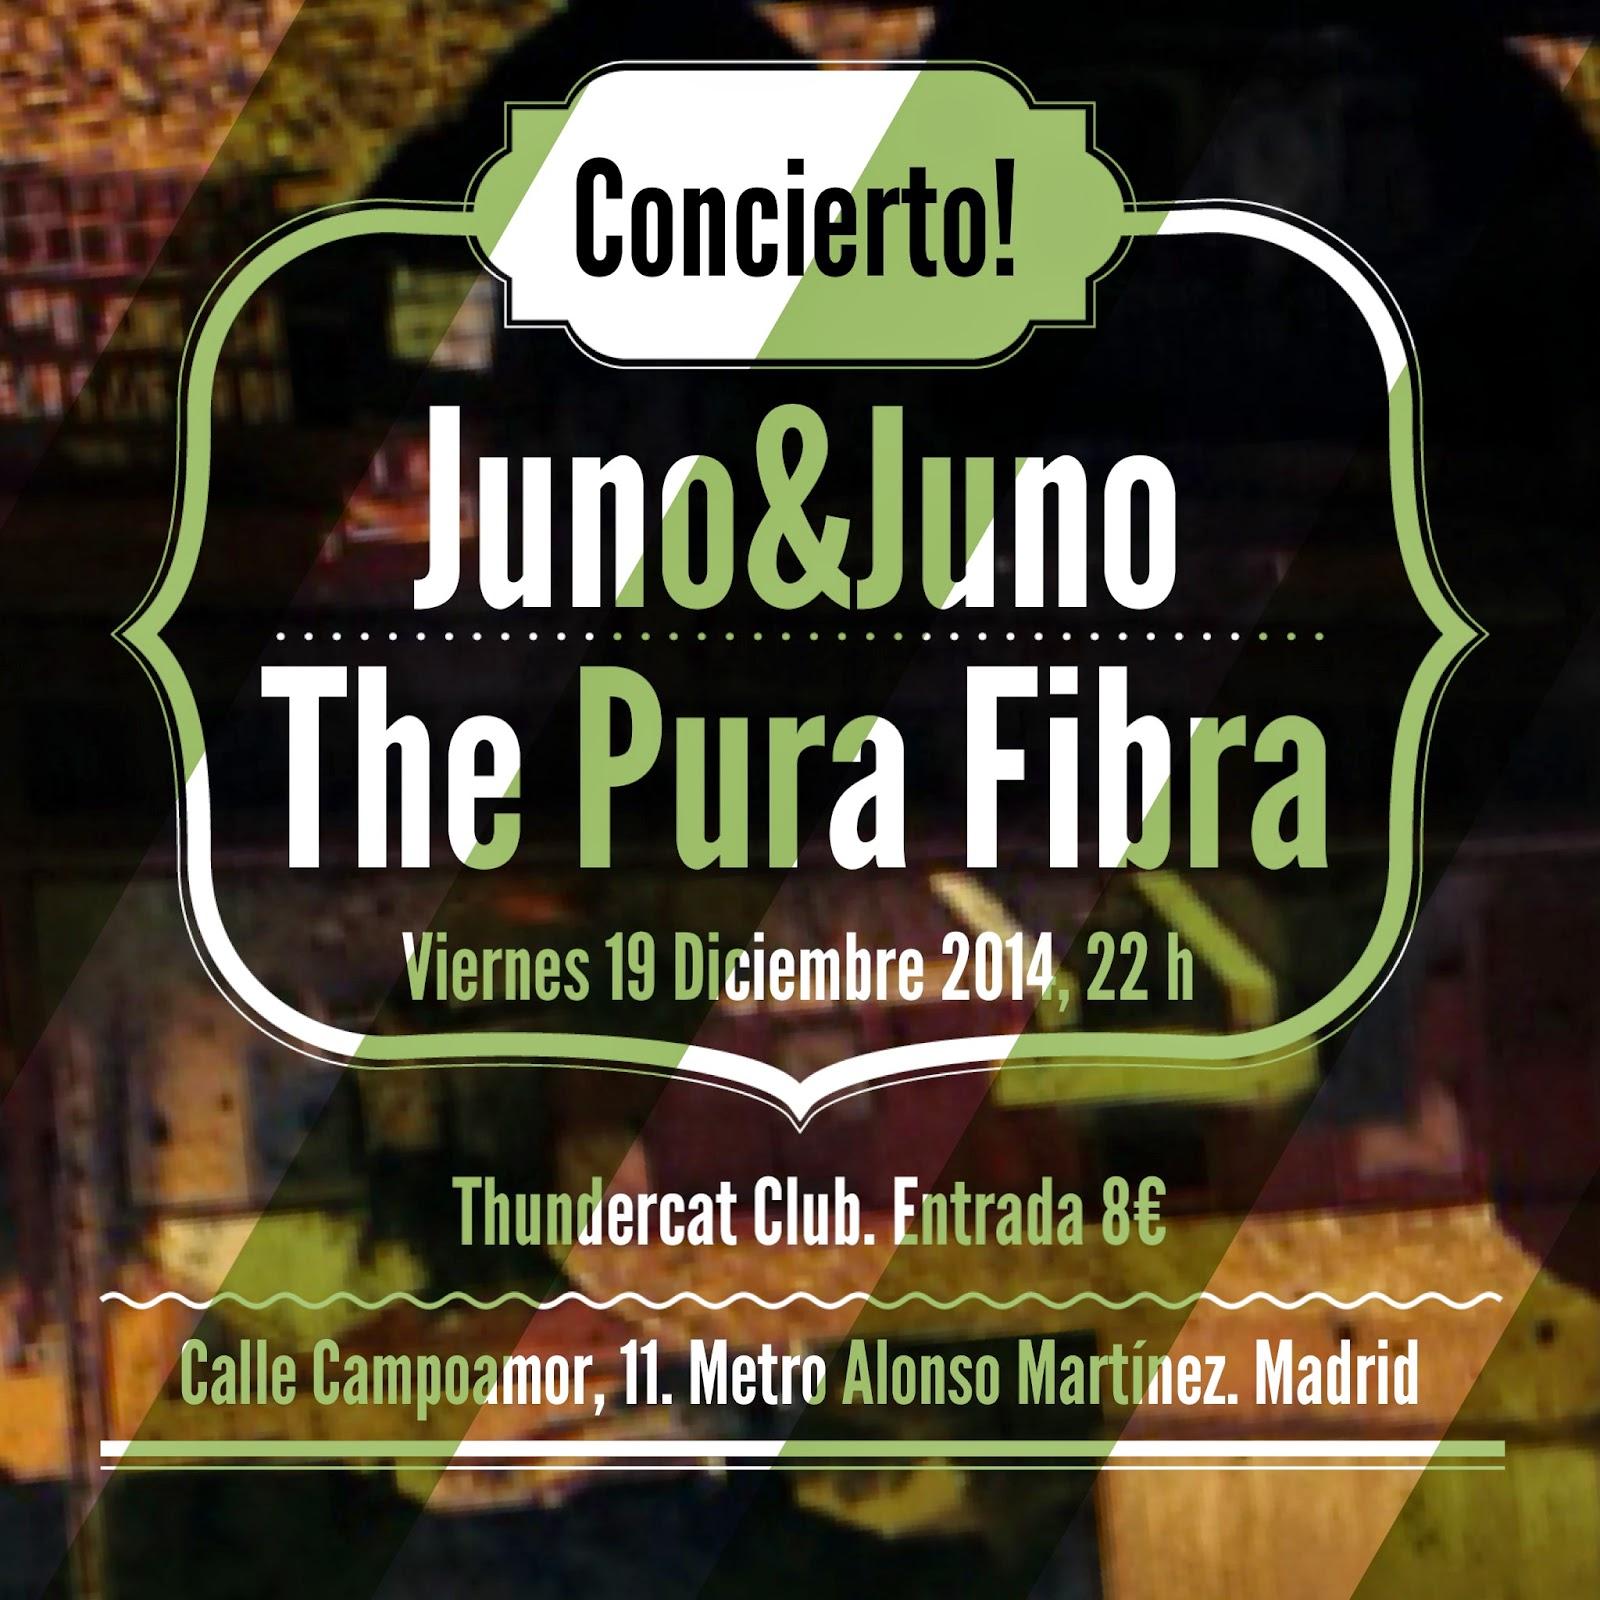 Juno&Juno vuelven en concierto a Madrid el viernes 19 Diciembre